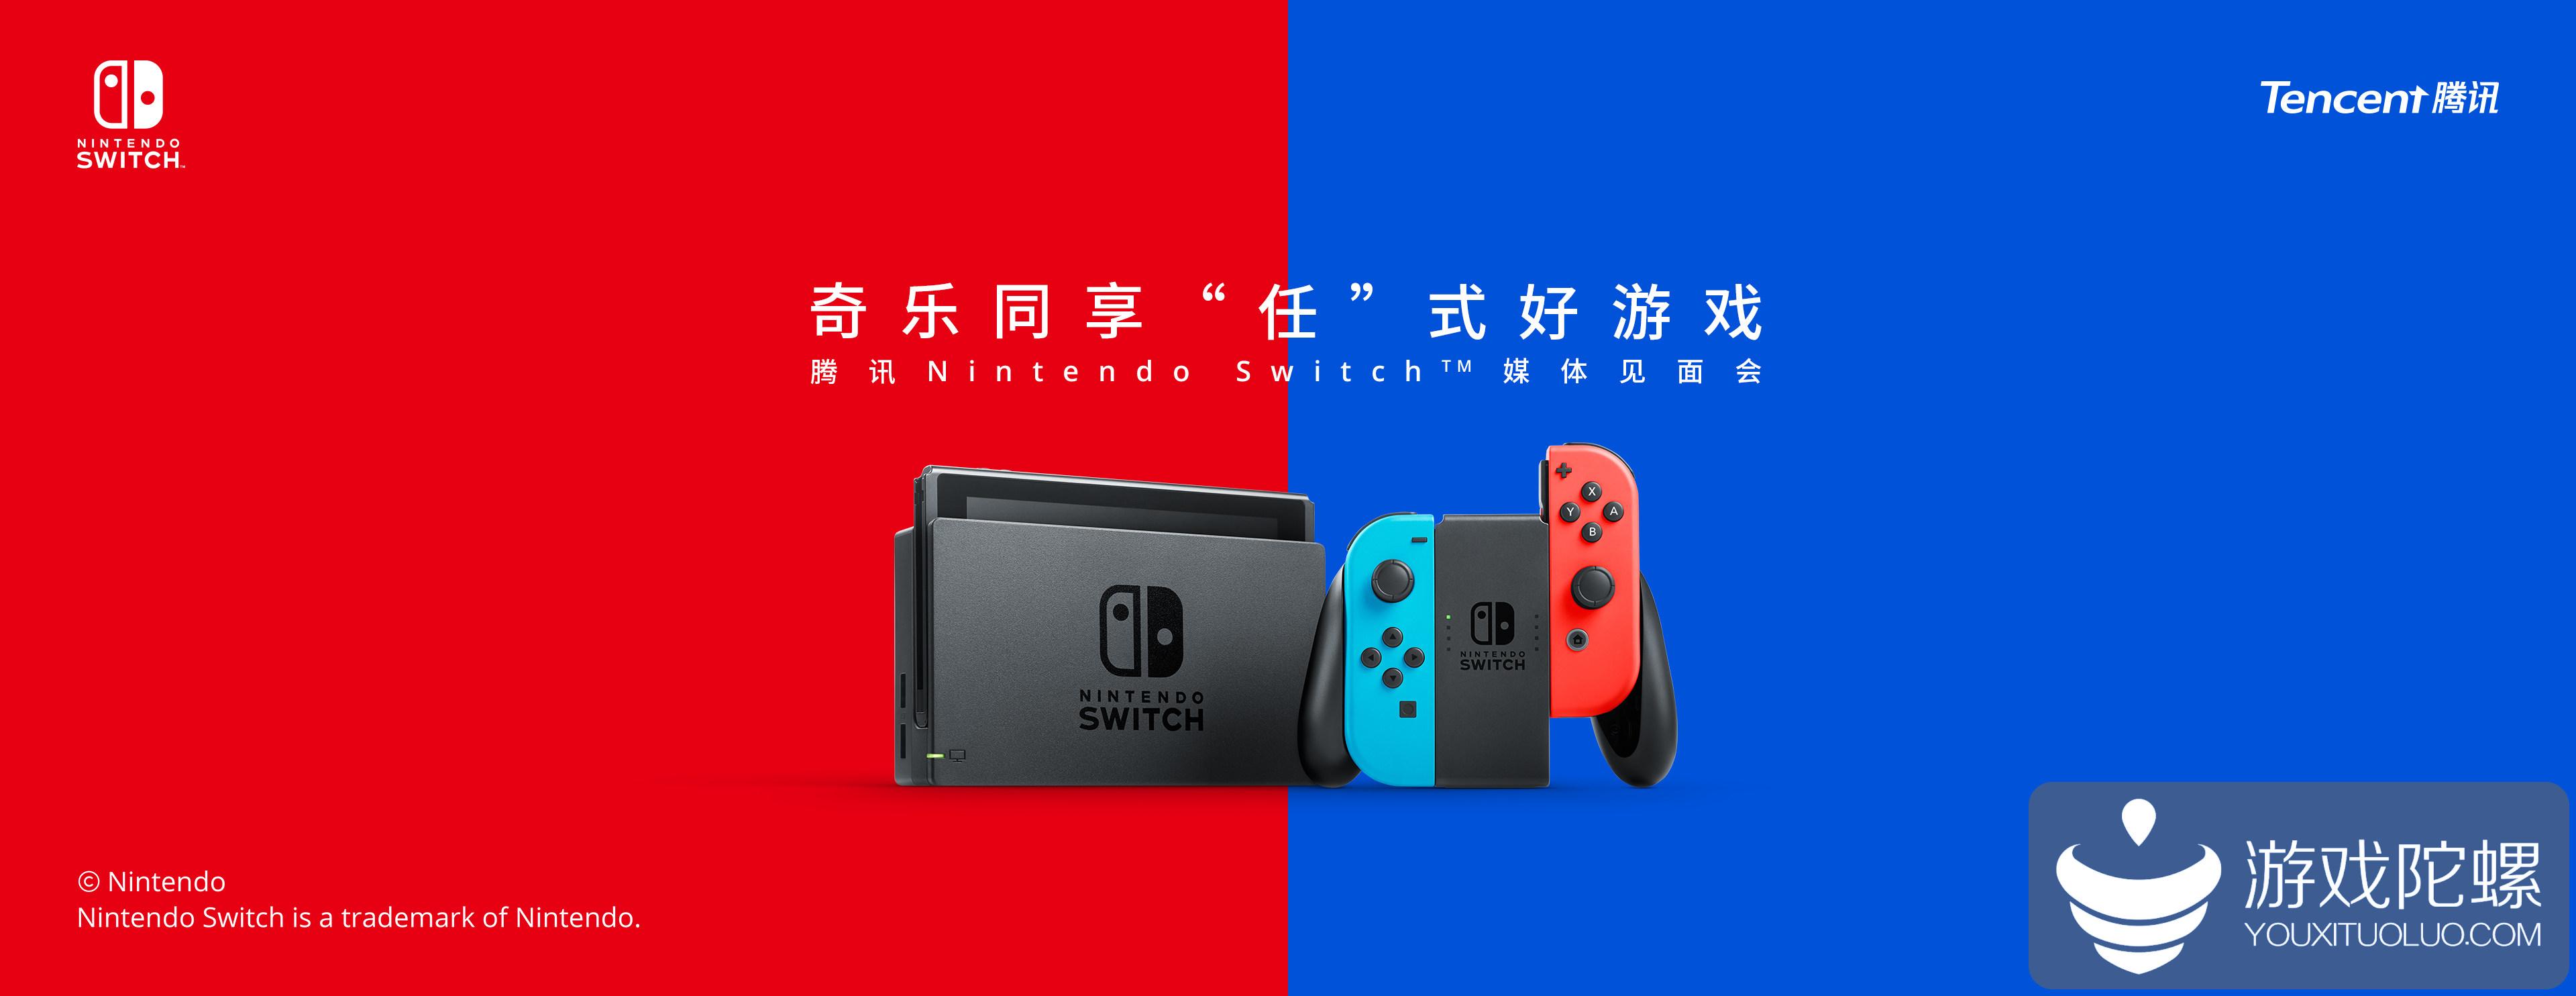 腾讯Nintendo Switch媒体见面会,首次分享国行引进新进展